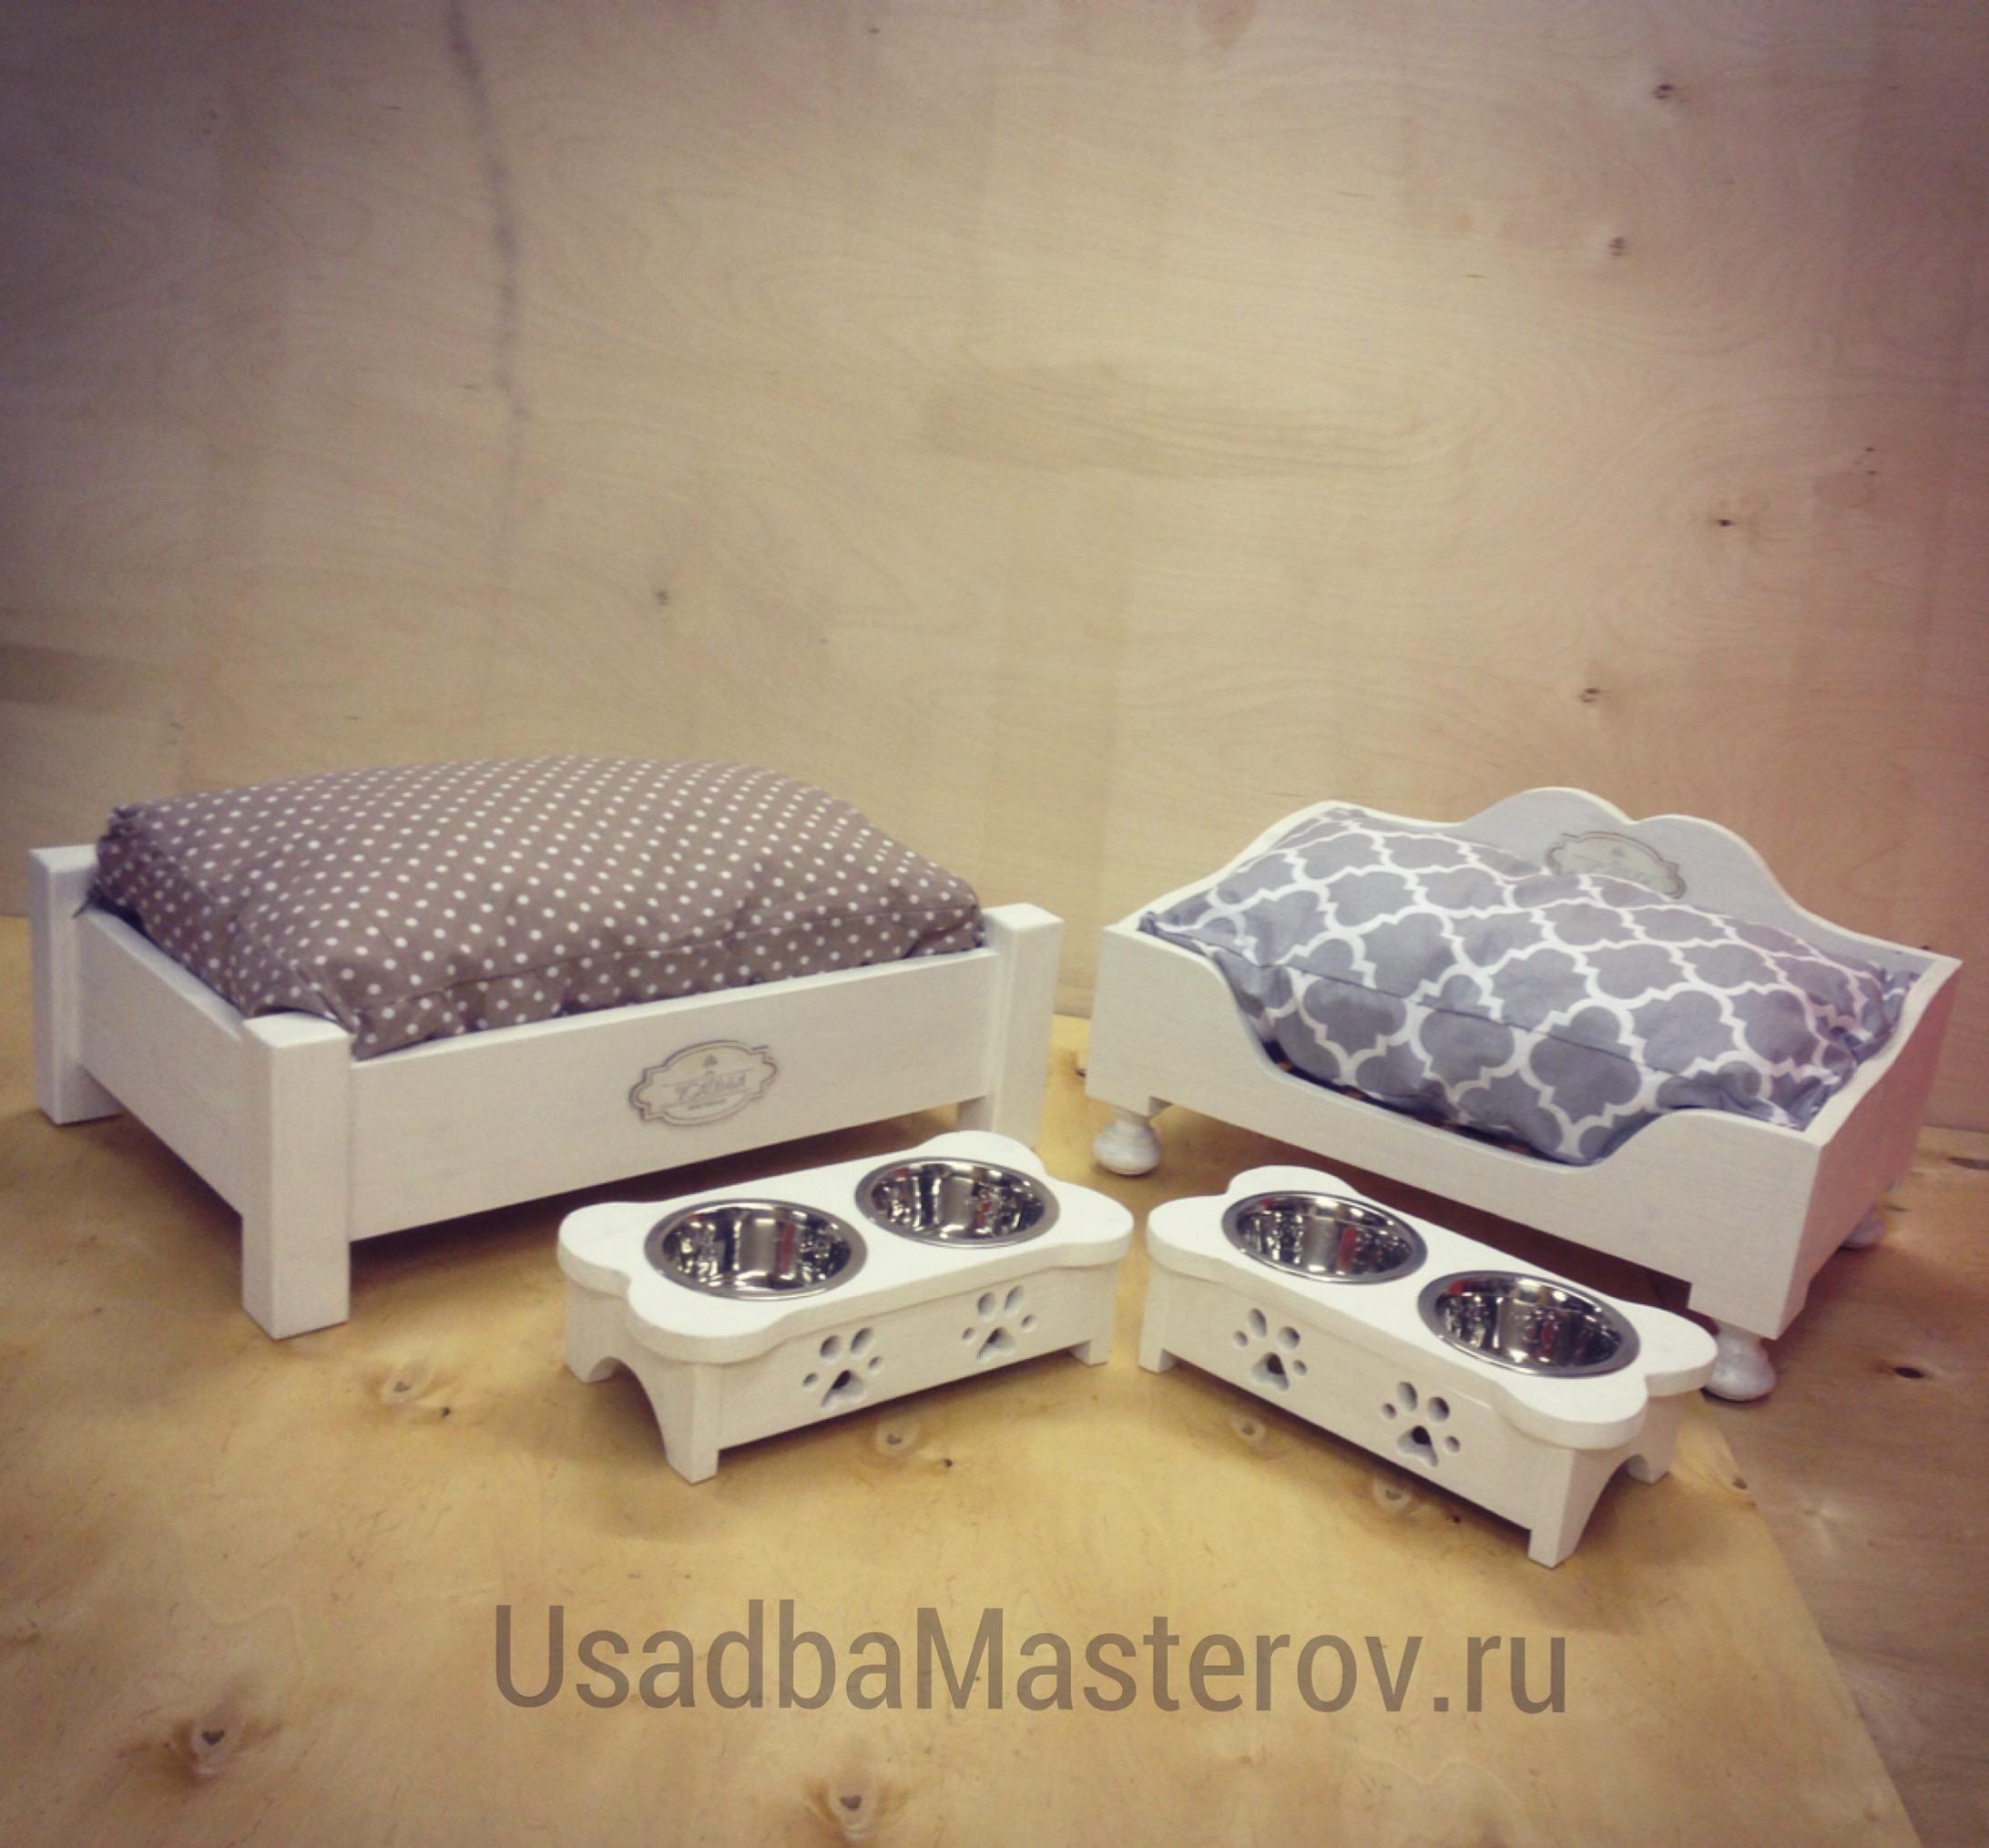 кроватки-для-собак-и-кошек-усадьбамастеров